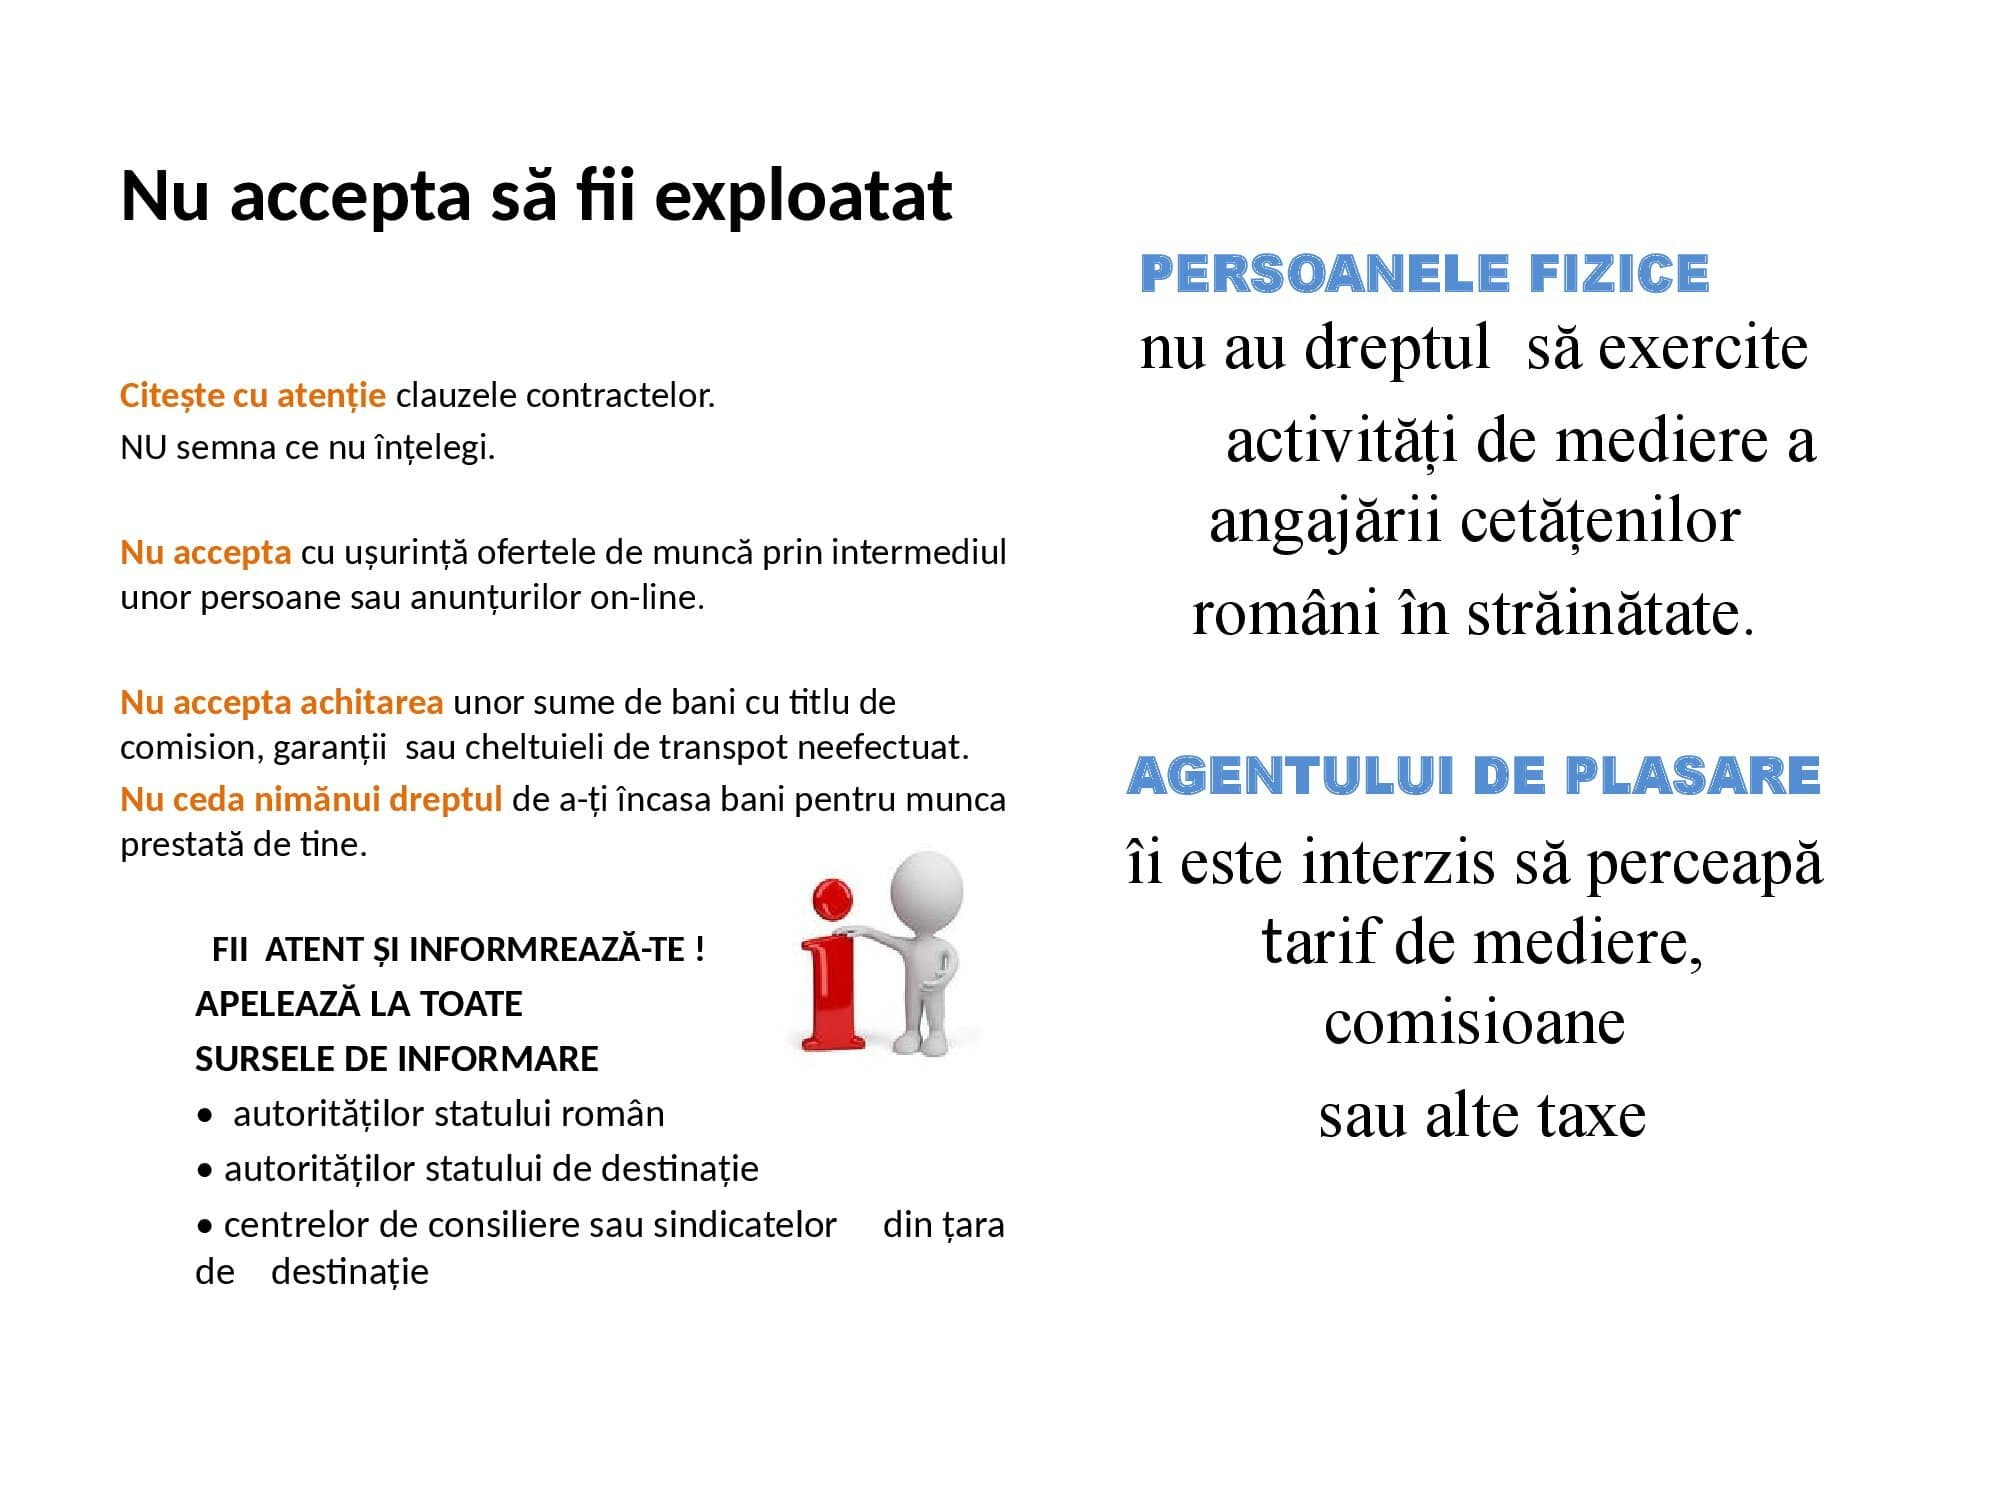 Tarif standard de comisioane pentru cont curent şi tranzacții pentru persoane fizice